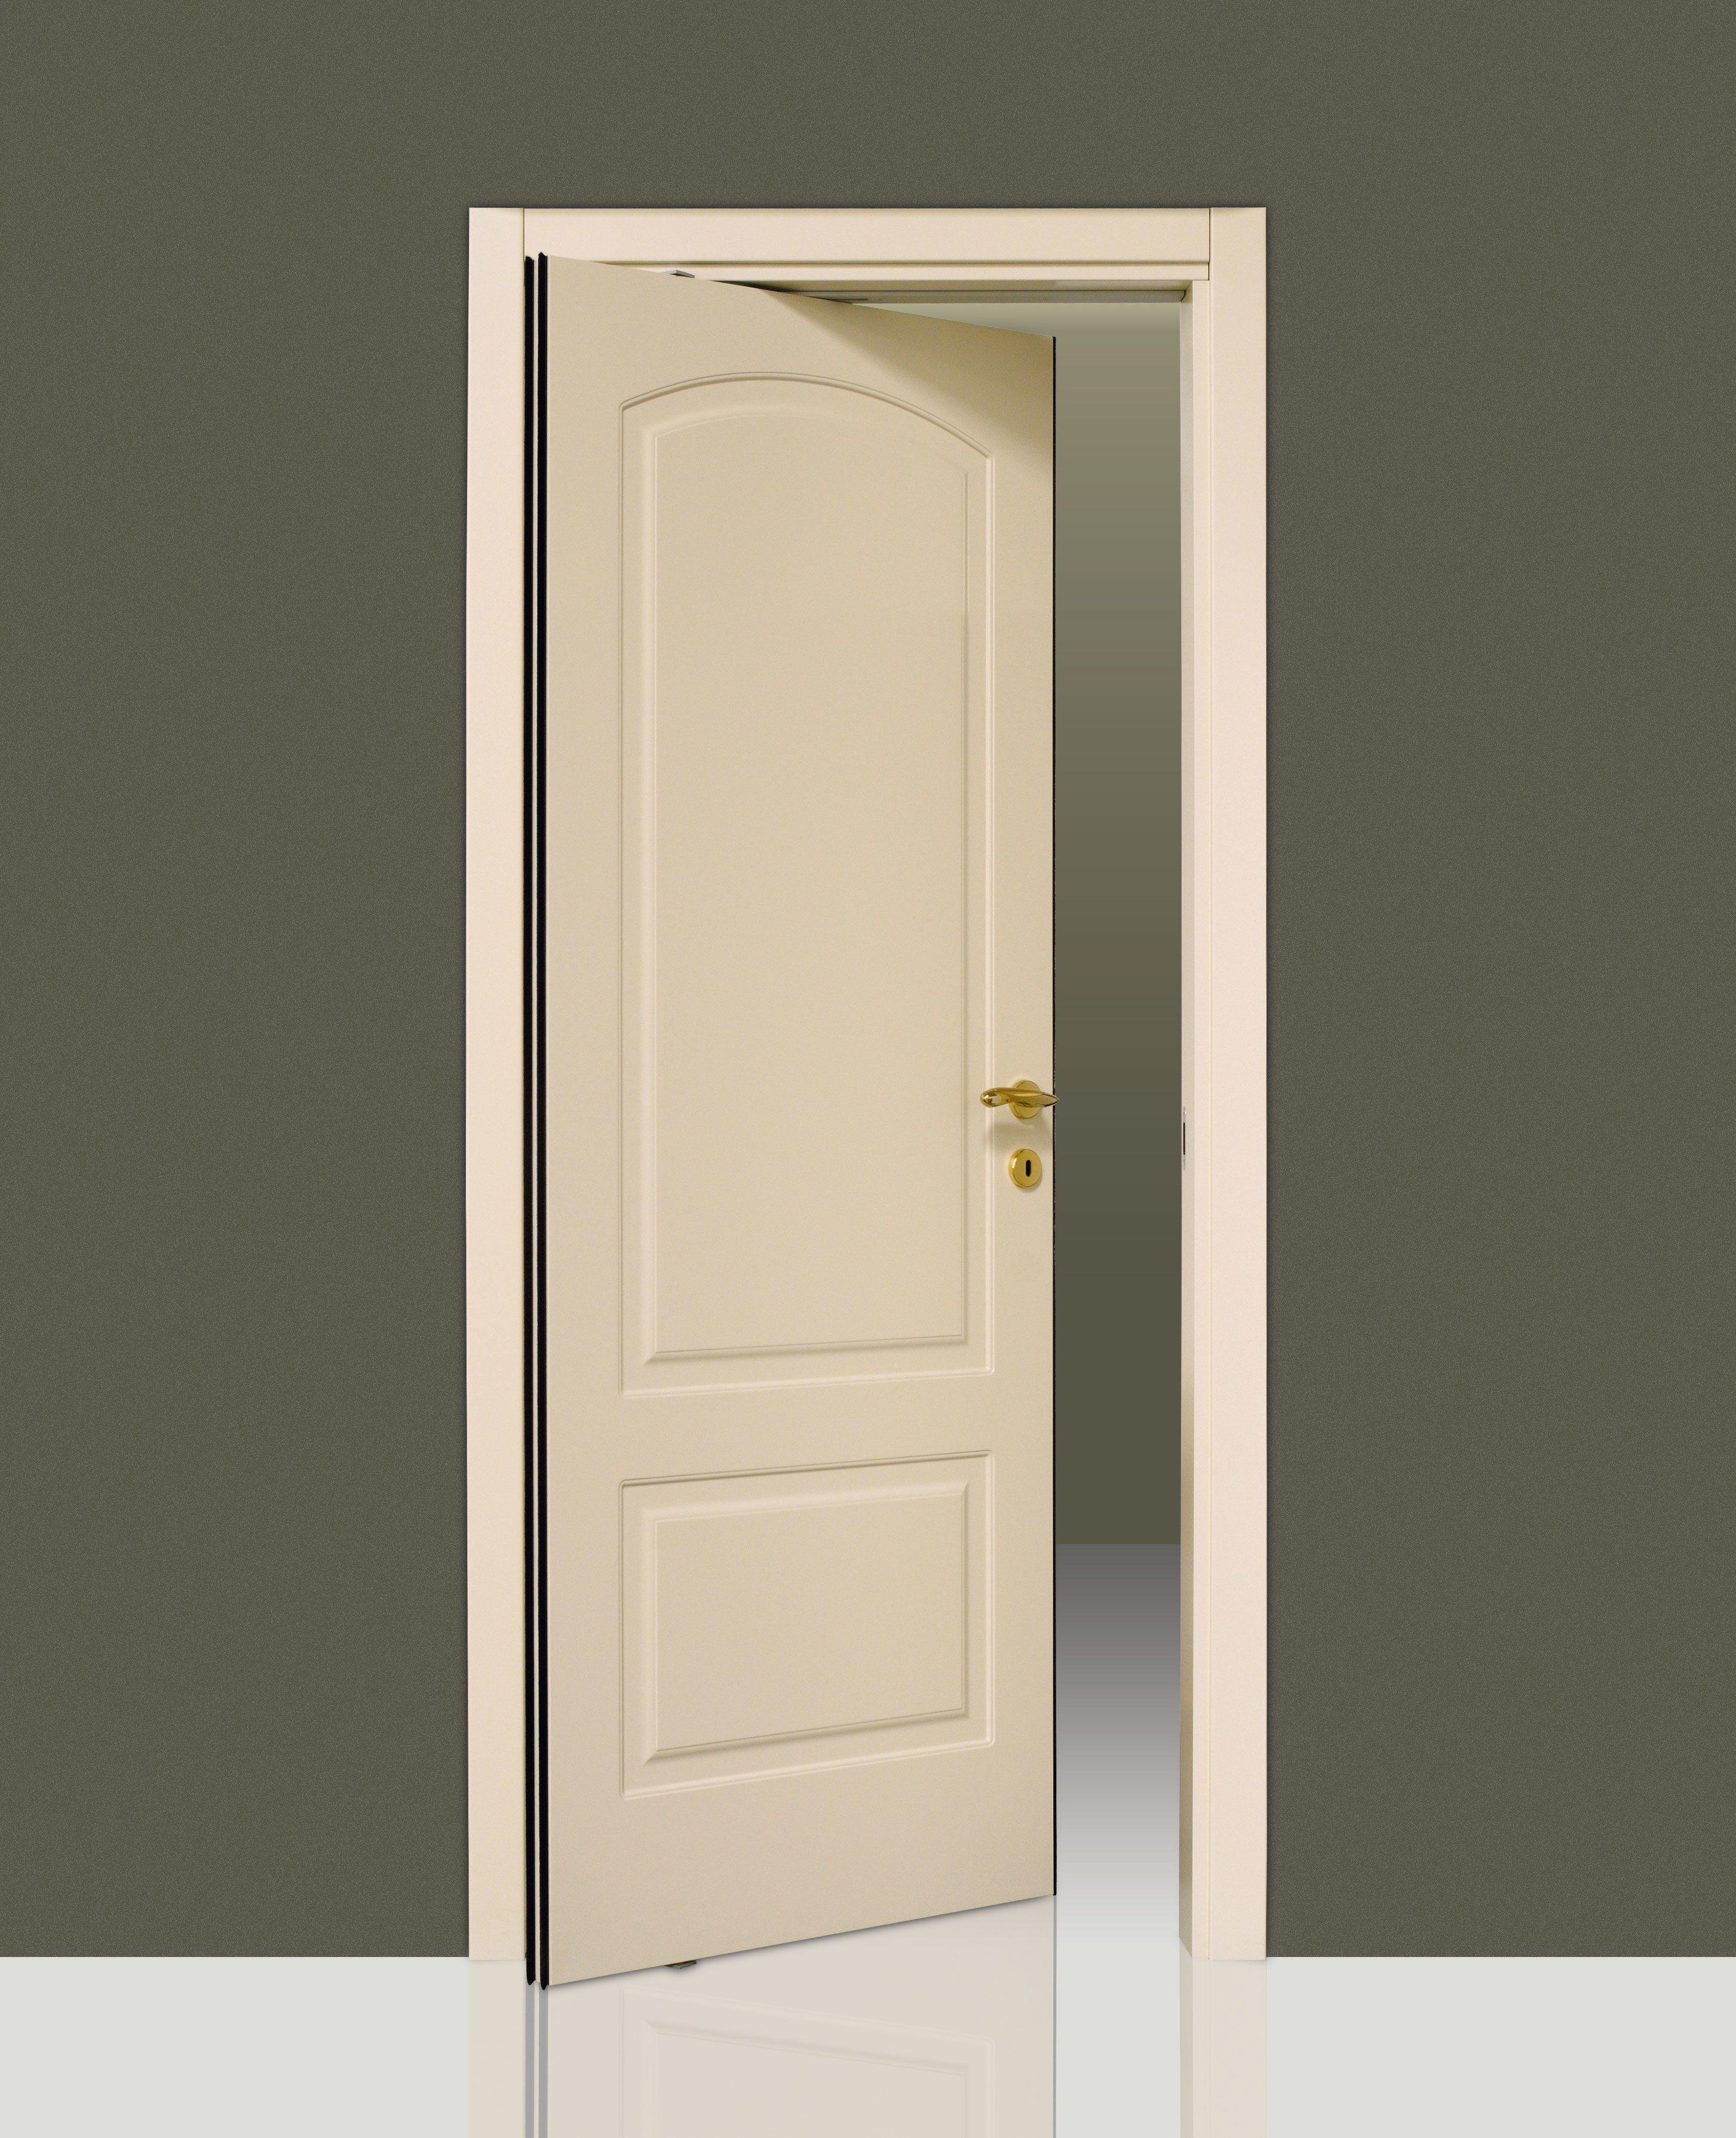 Porte pantografate laccate bianche prezzi fioriera con for Porte interne prezzi bassi